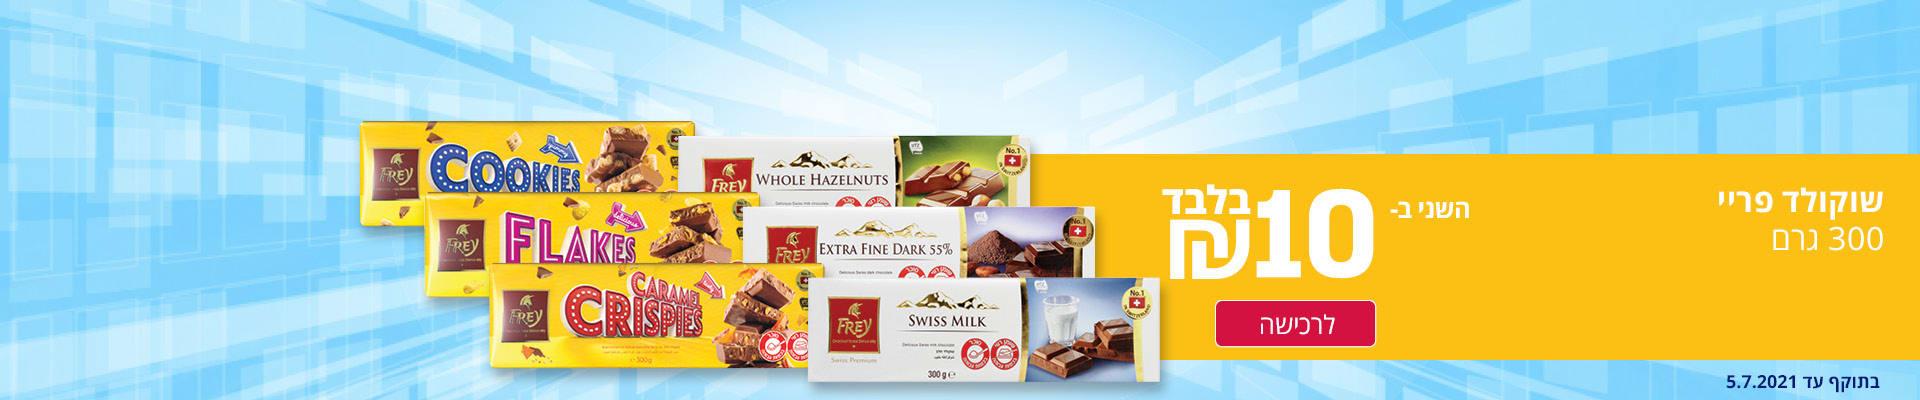 שוקולד חלב עם אגוזים פריי 300 גרם השני ב- 10 ₪ בלבד לרכישה לרכישה בתוקף עד 5.7.2021